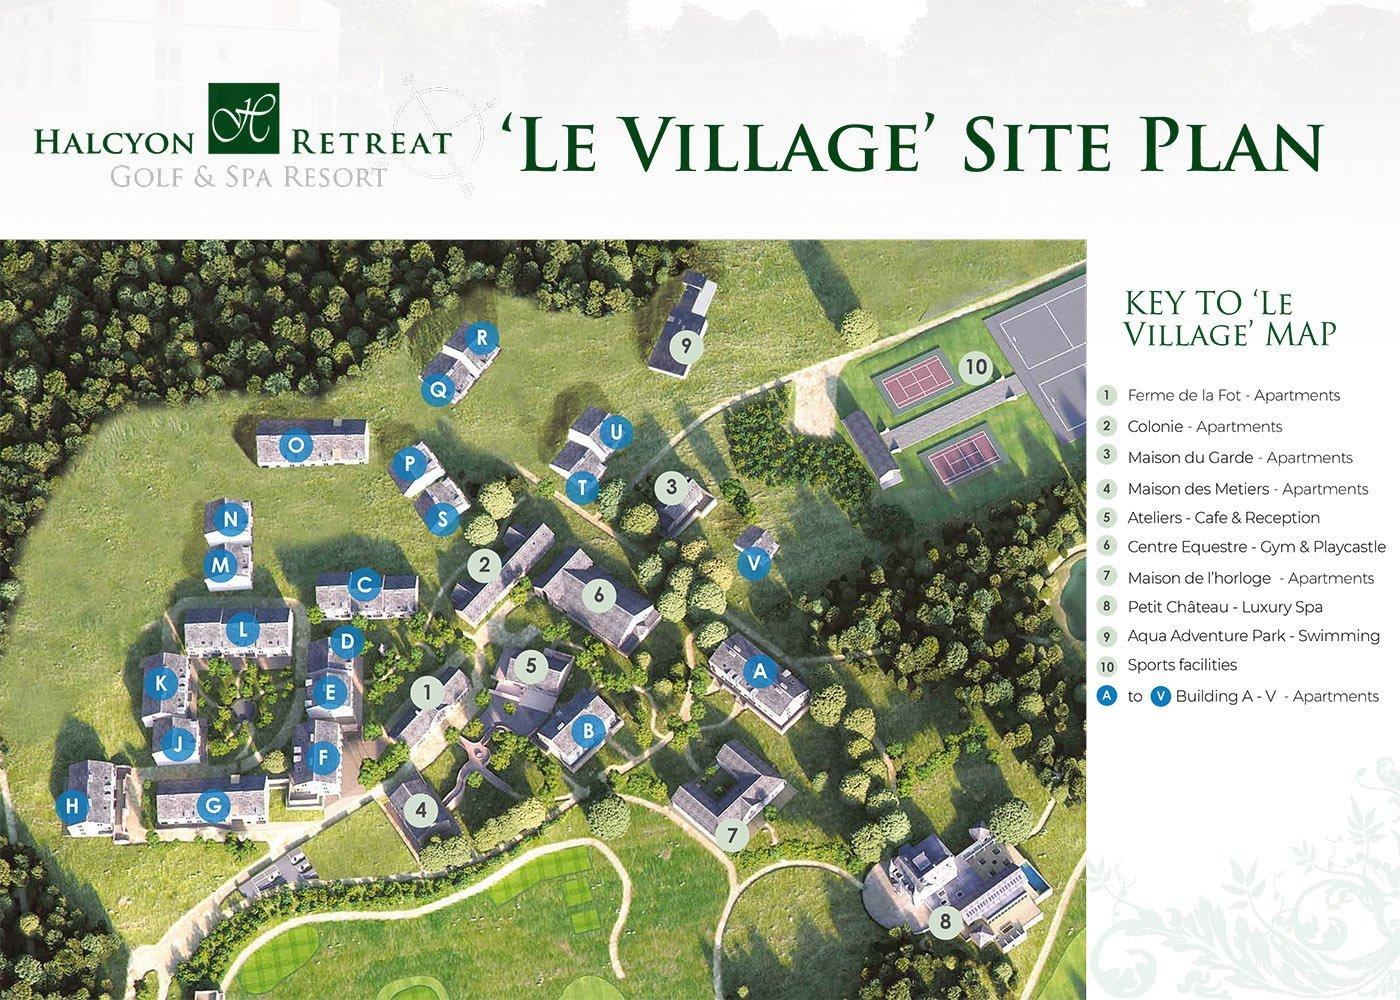 grondplan le village dorp met opbrengsteigendommen studio's en appartementen met verhuurgarantie zorgeloos beleggen nouvelle aquitaine frankrijk